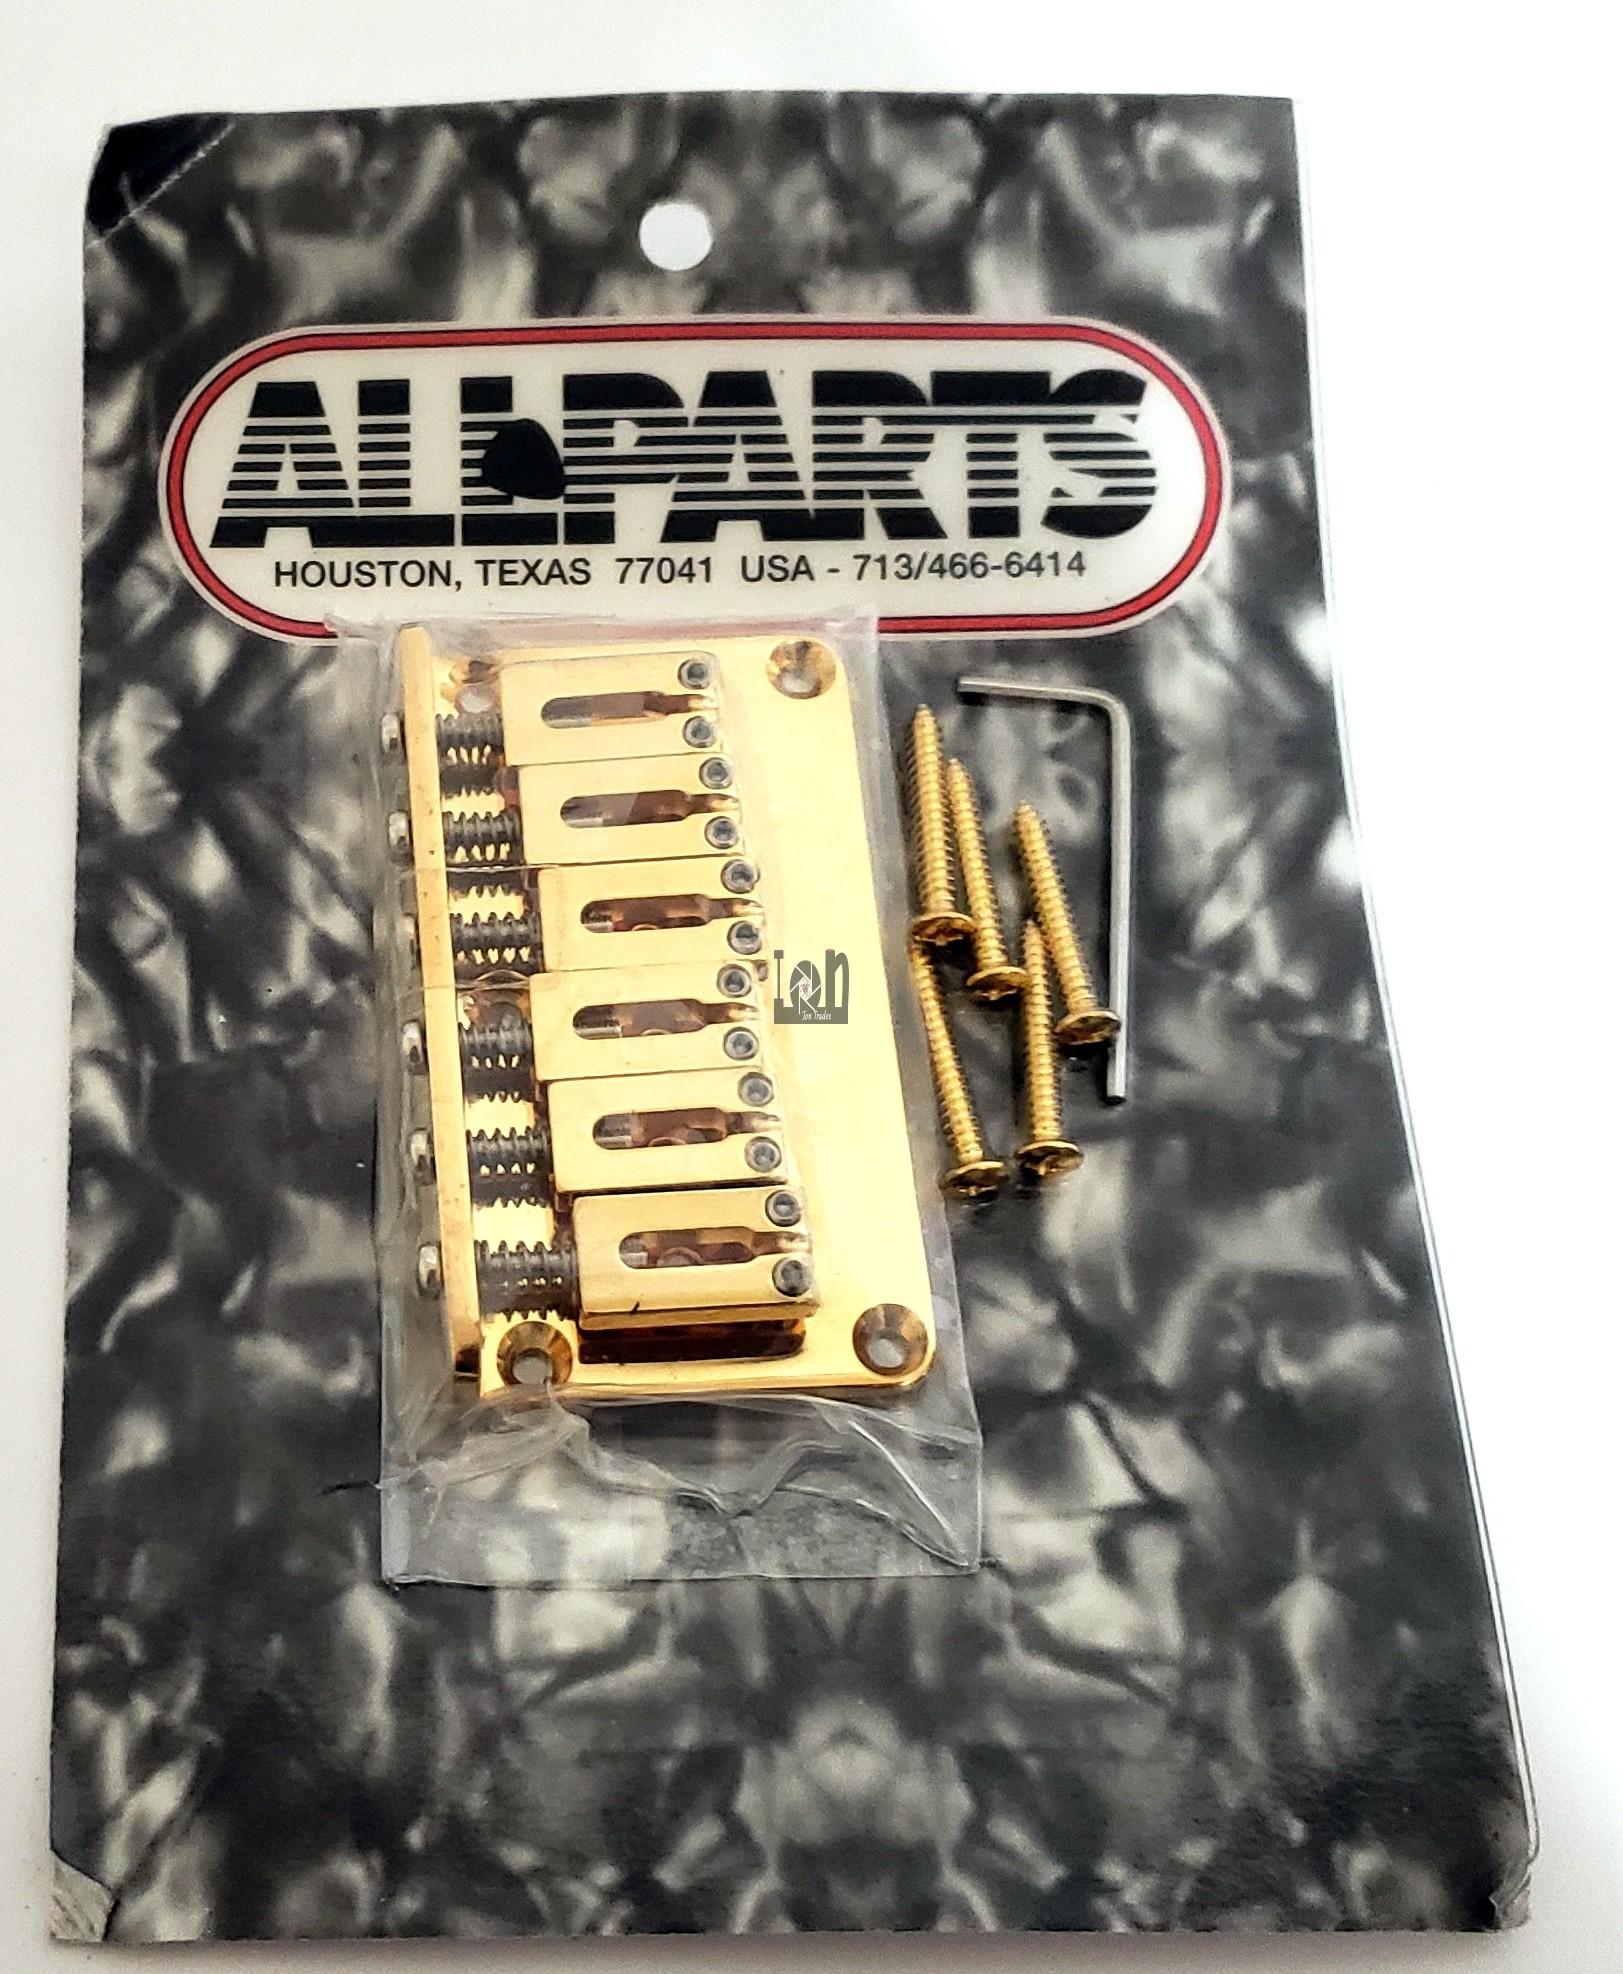 Allparts Guitar Bridge SB-5115-002 Gotoh Non-Tremolo Bridge Gold